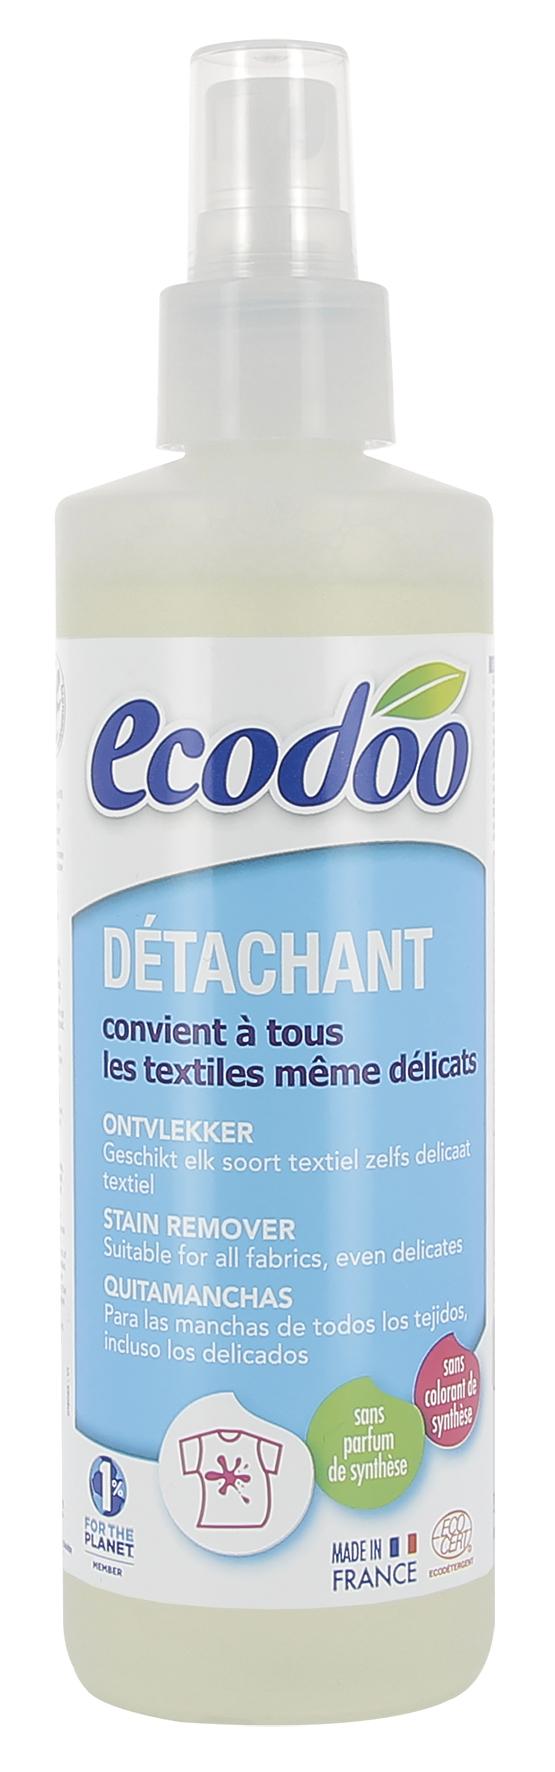 Détachant, Ecodoo (250 ml)